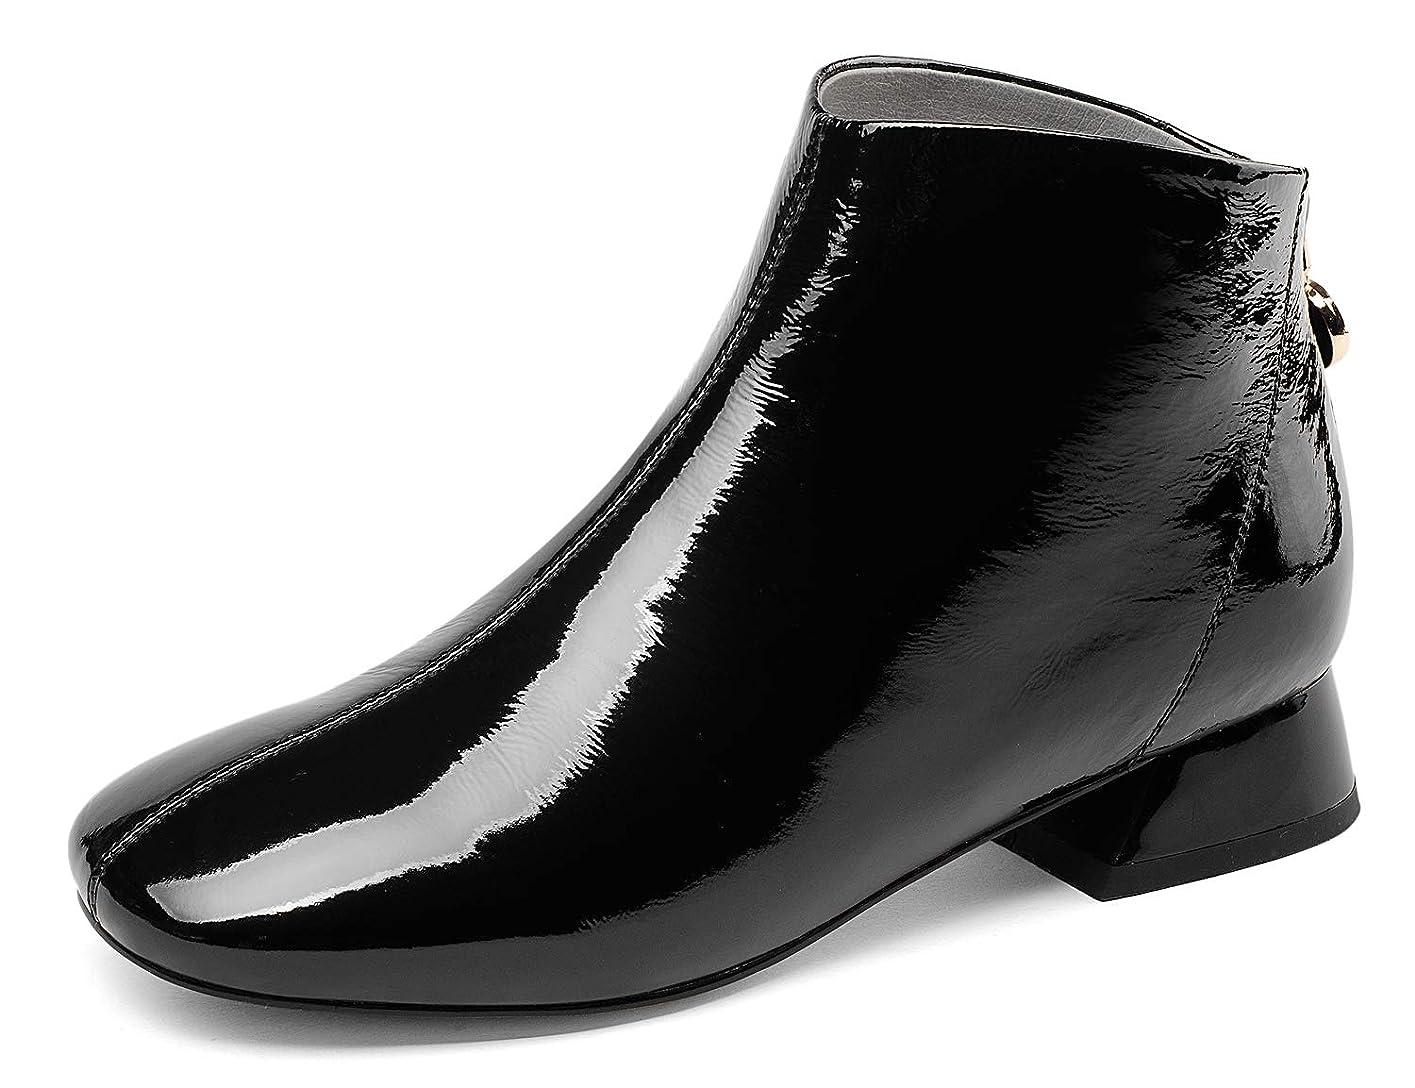 製造迷惑パリティ[チカル] CHICULL レディース エナメル ブーテー ブーツ ショートブーツ アンクルブーツ ブーティ バックジッパー 3cm 太ヒール 袴ブーツ 手造り シューズ 牛革 本革 レザー 秋冬 靴 カジュアル オフィス 通勤 大きいサイズ